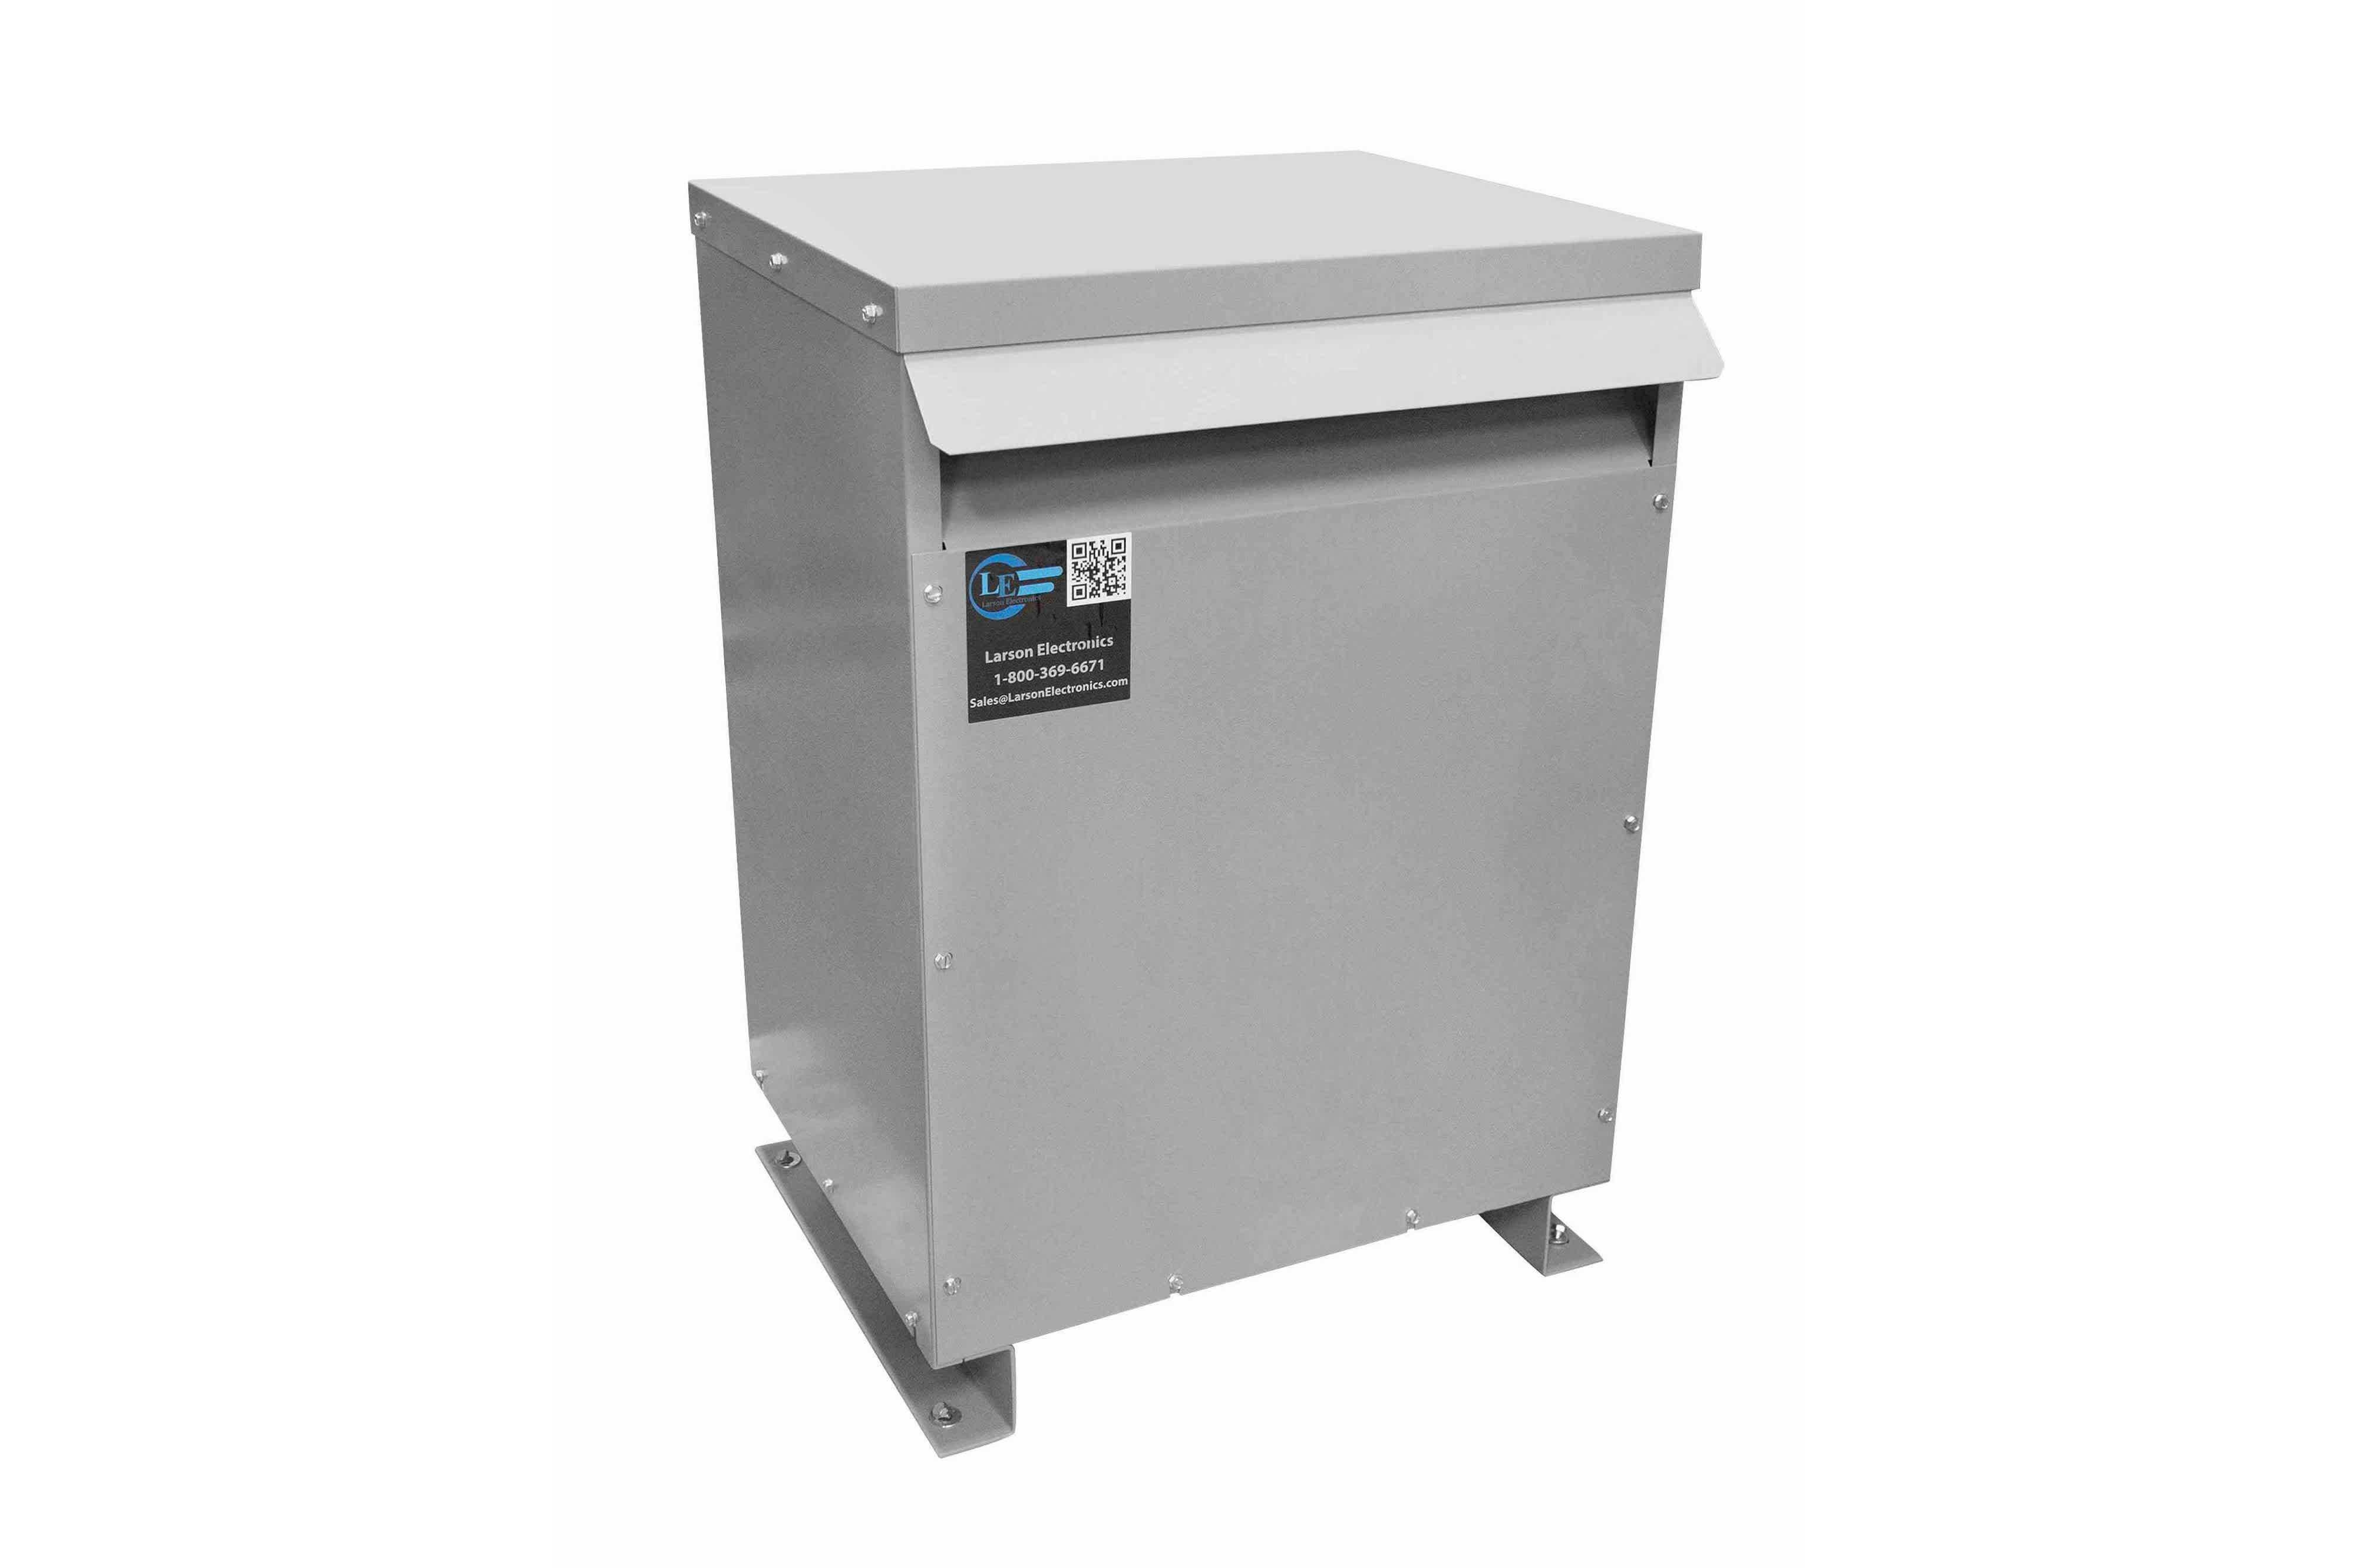 200 kVA 3PH Isolation Transformer, 480V Delta Primary, 415V Delta Secondary, N3R, Ventilated, 60 Hz